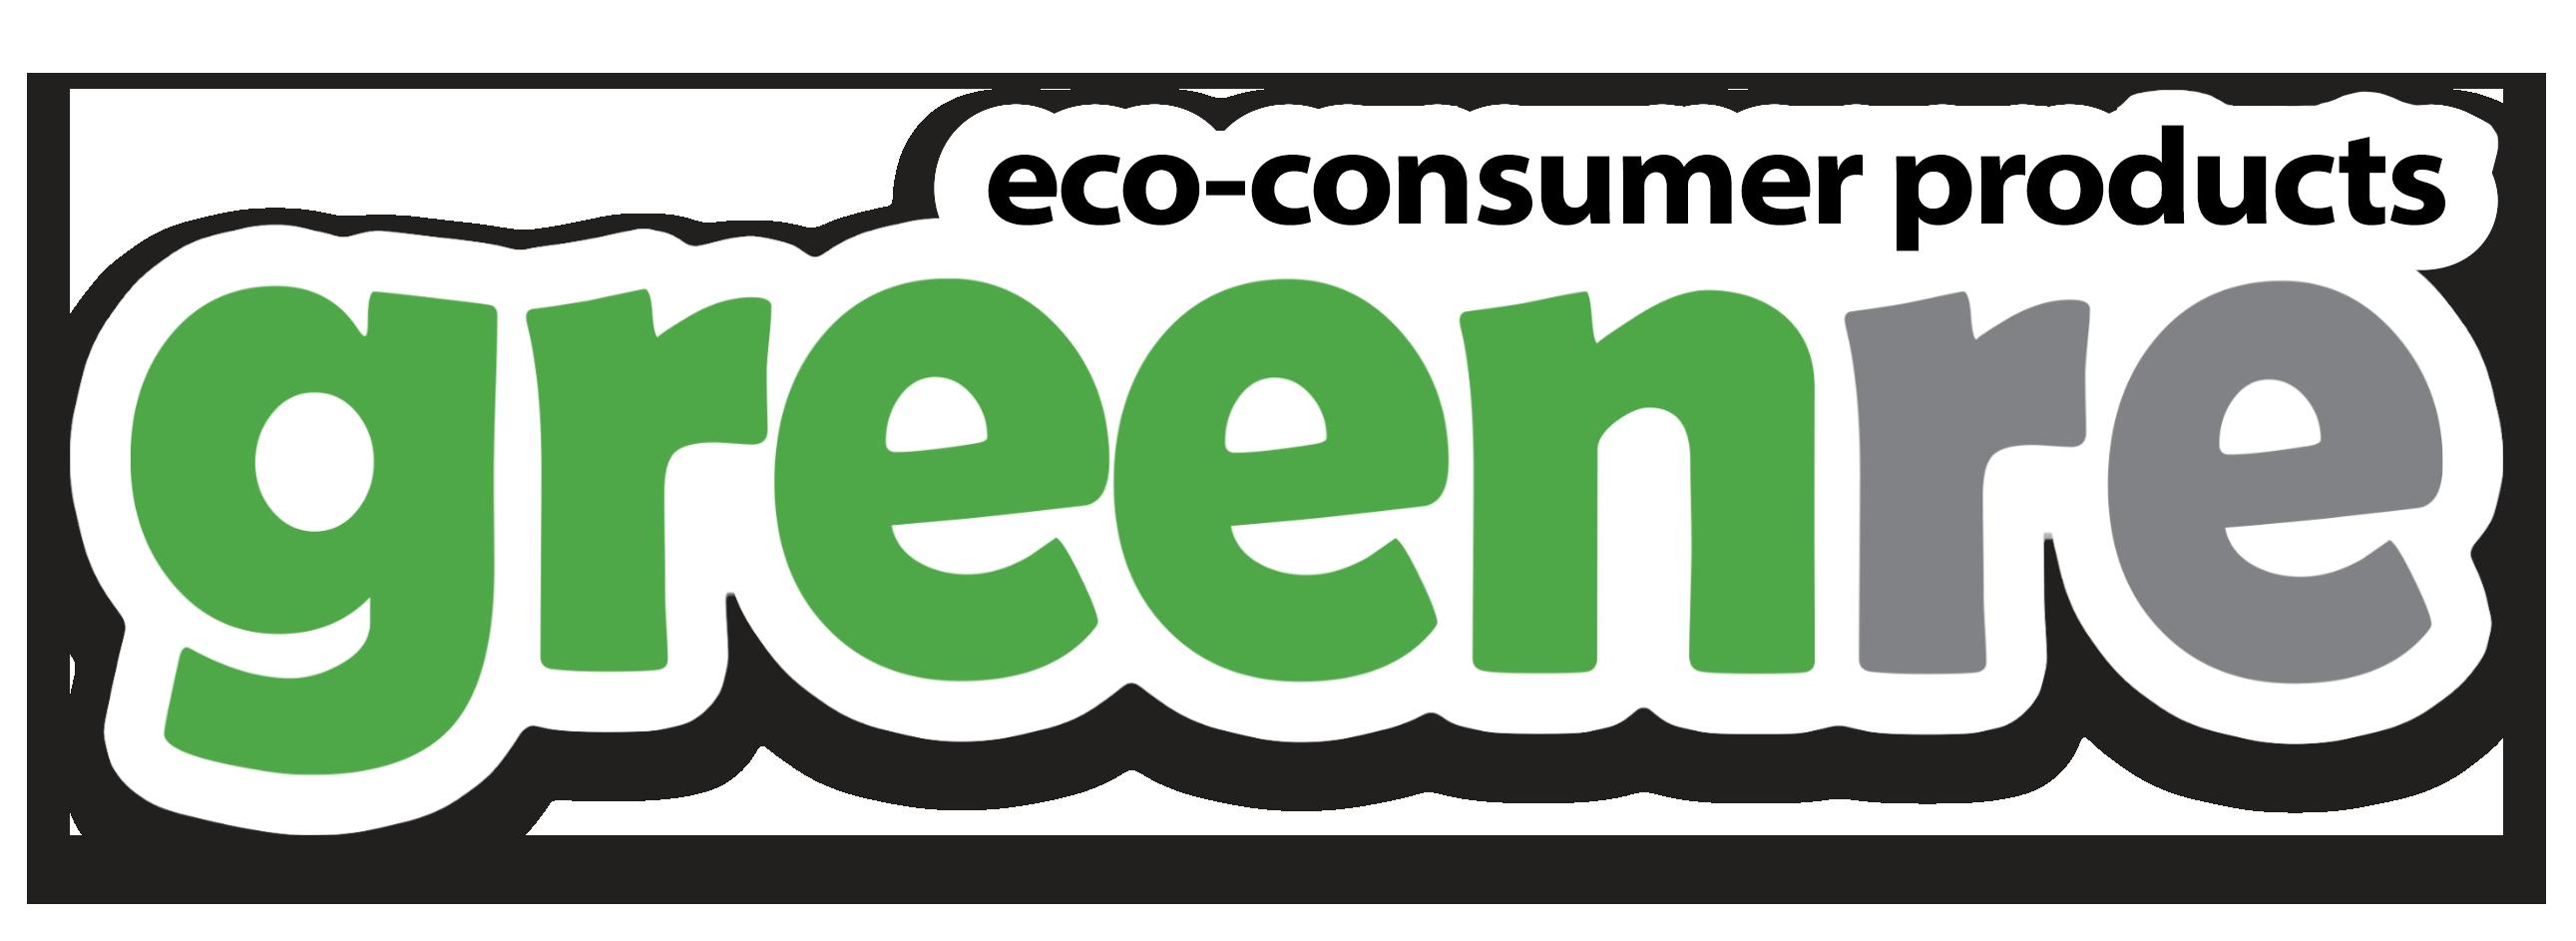 greenre logo.